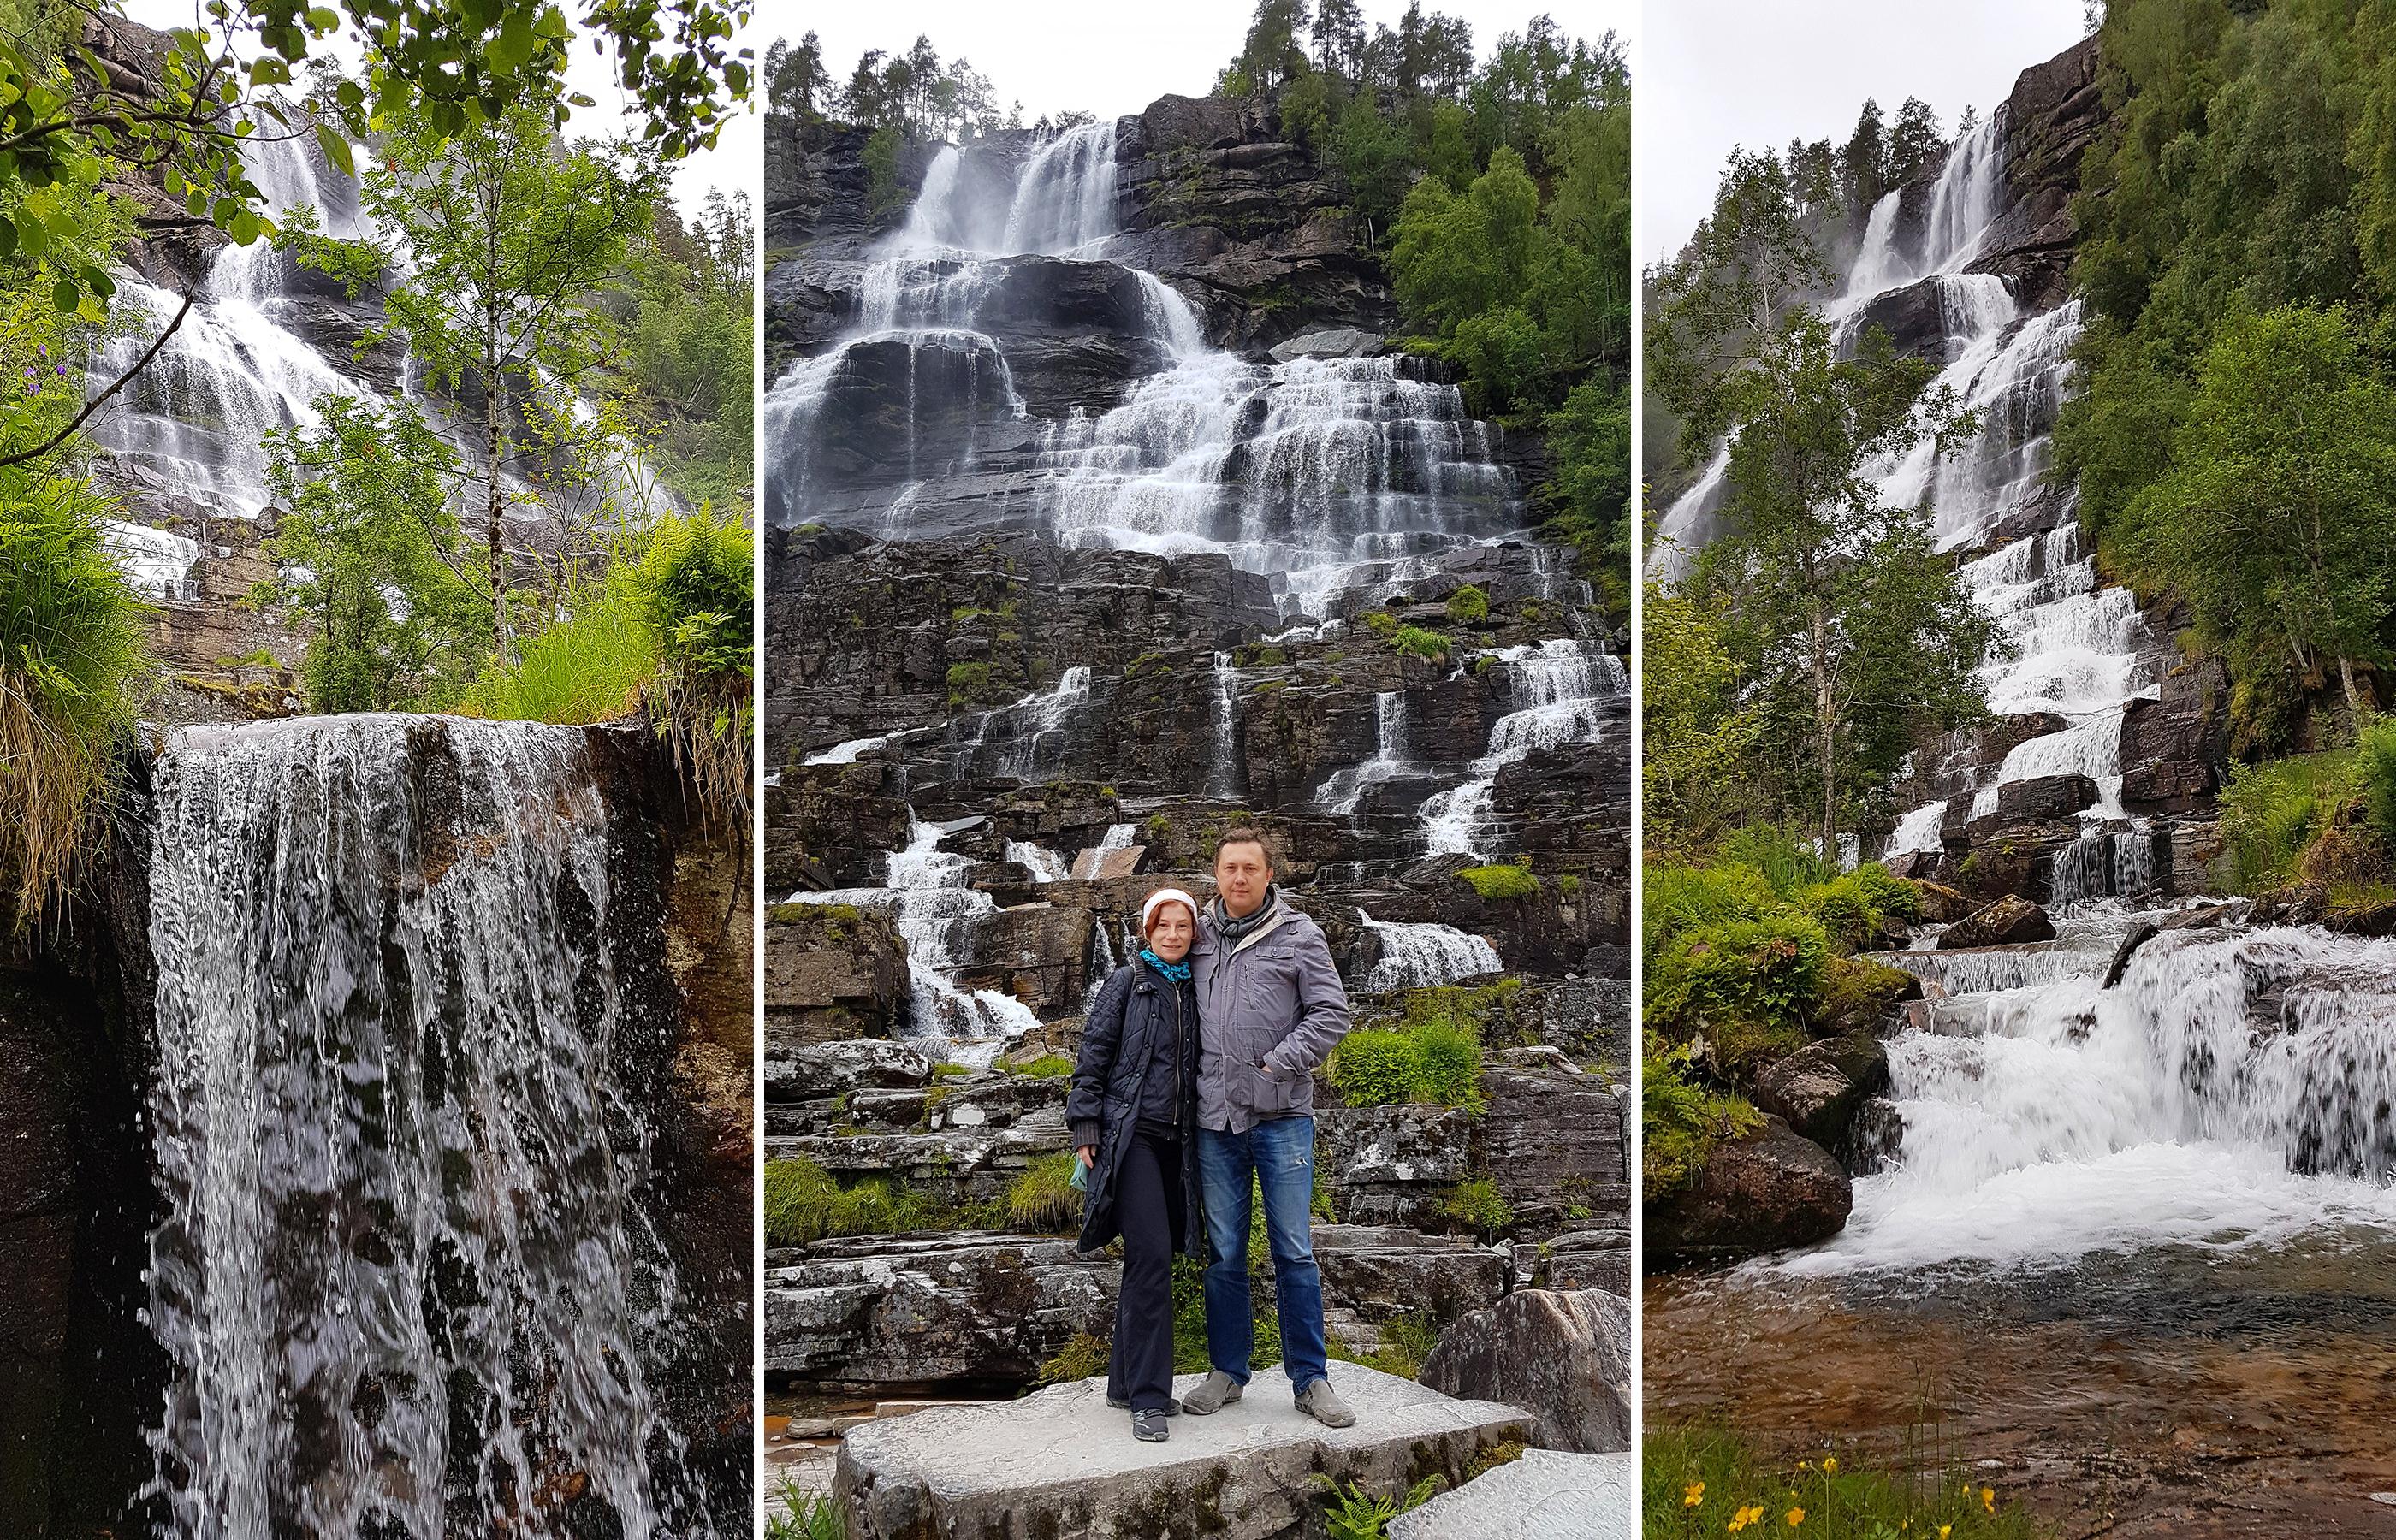 Ступени водопад Твиндефоссен образуют целые лестничные эстакады. Кажется, что так легко можно, по ним забраться на самый верх. Увы! Это очень обманчивое впечатление